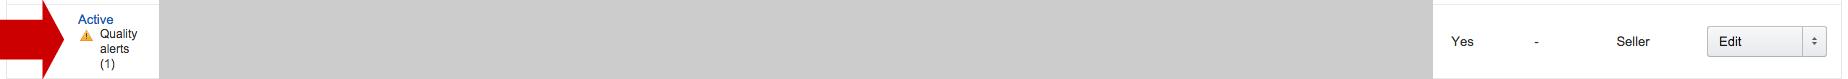 スクリーンショット 2014-11-08 16.06.26